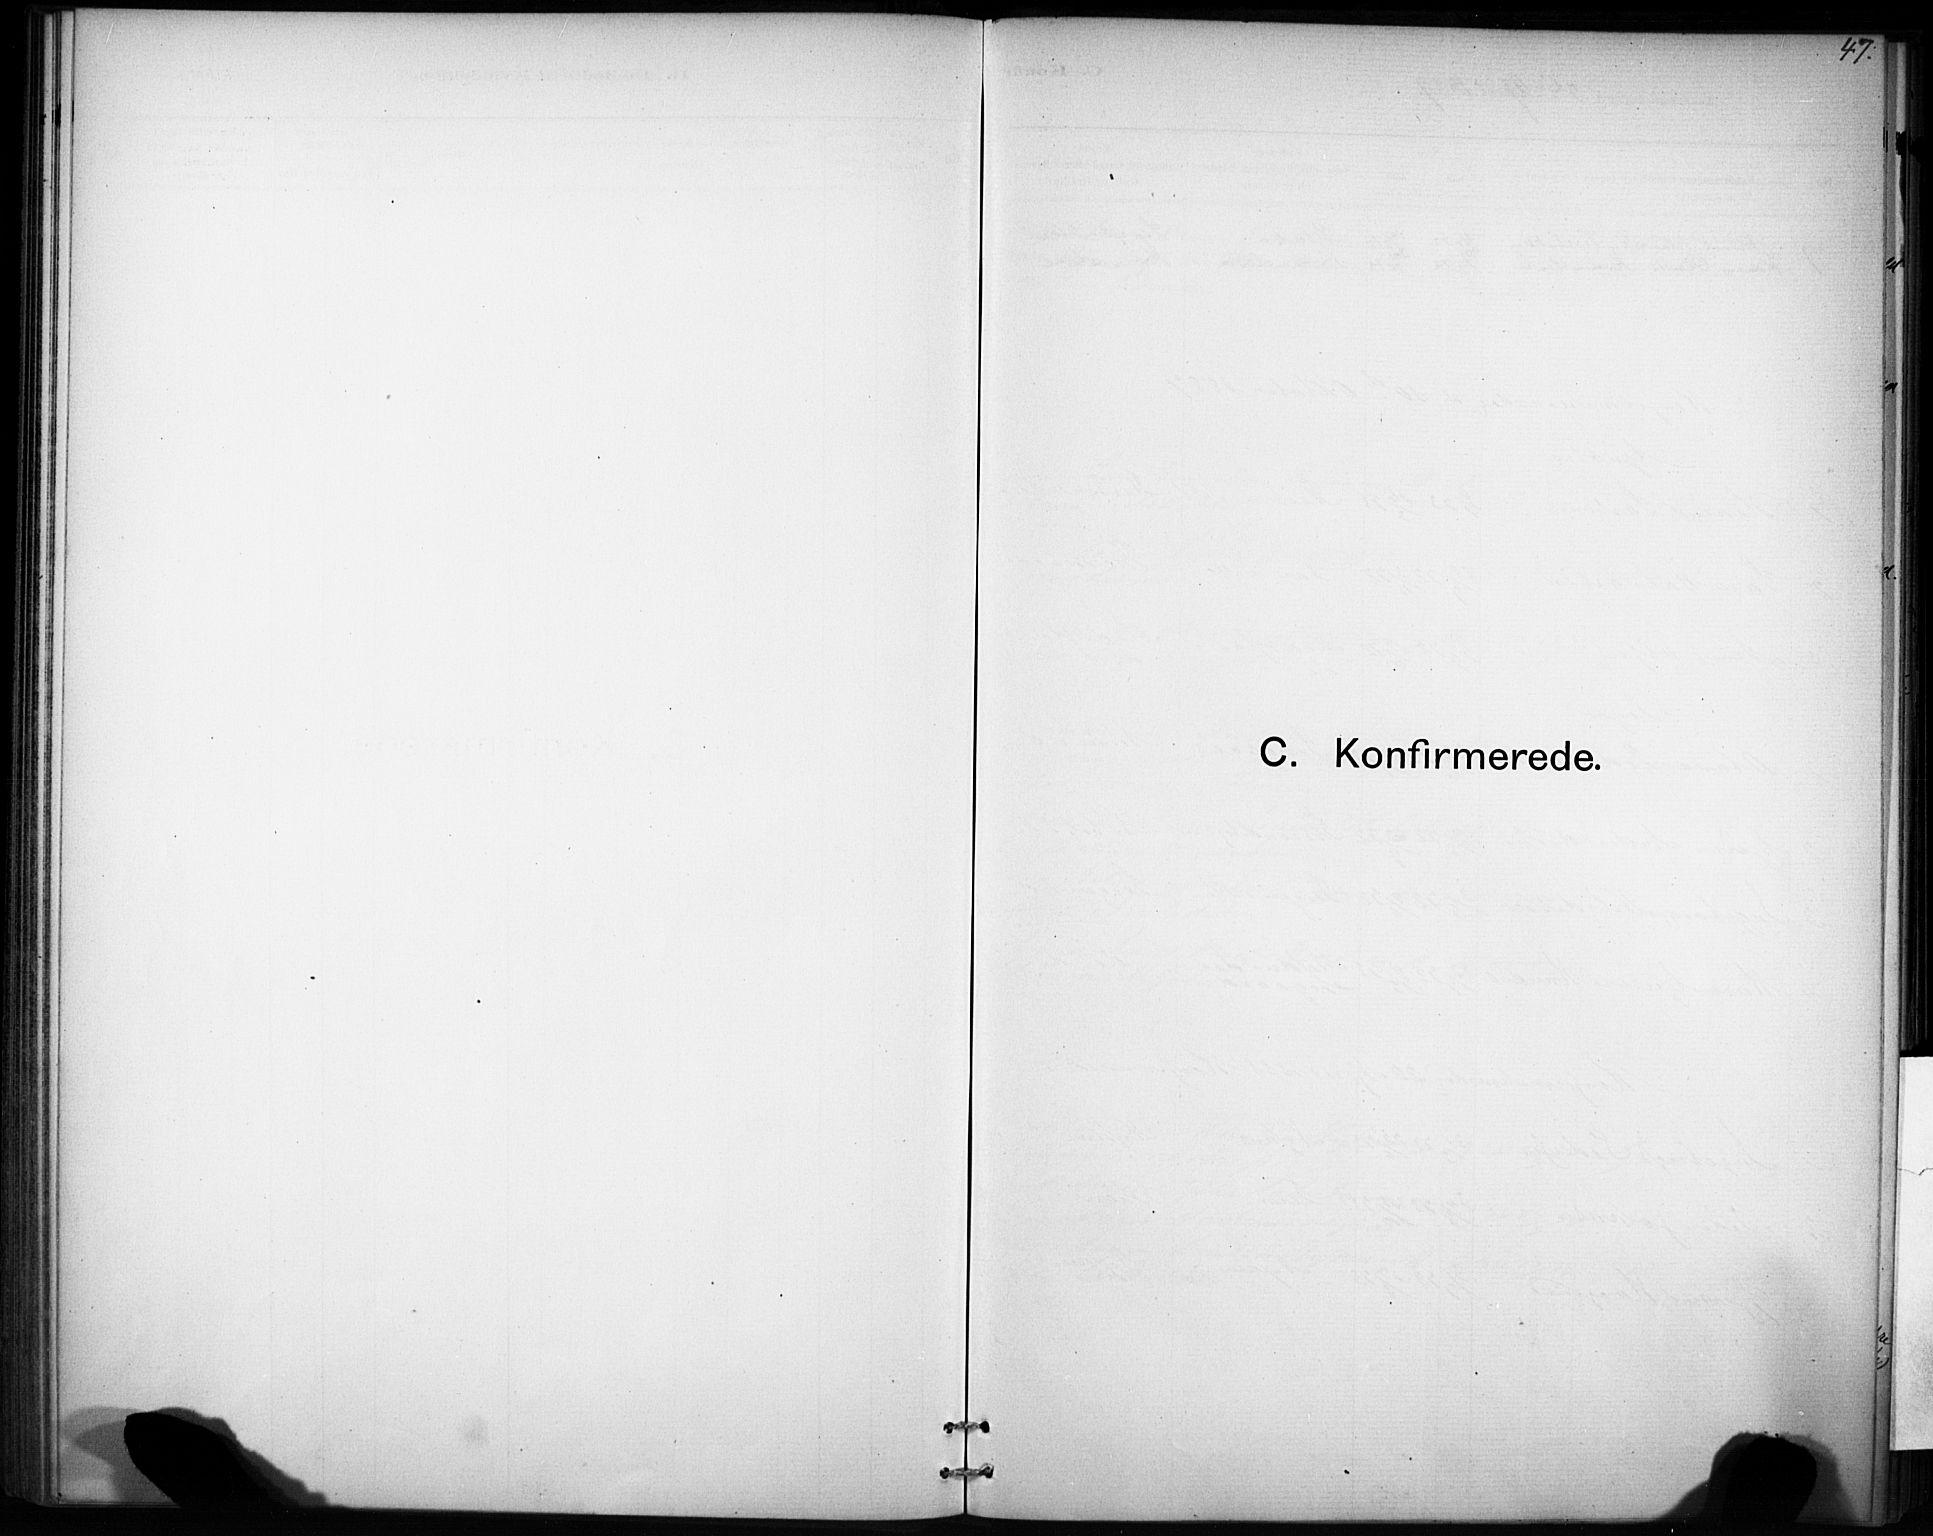 SAT, Ministerialprotokoller, klokkerbøker og fødselsregistre - Sør-Trøndelag, 693/L1119: Ministerialbok nr. 693A01, 1887-1905, s. 47